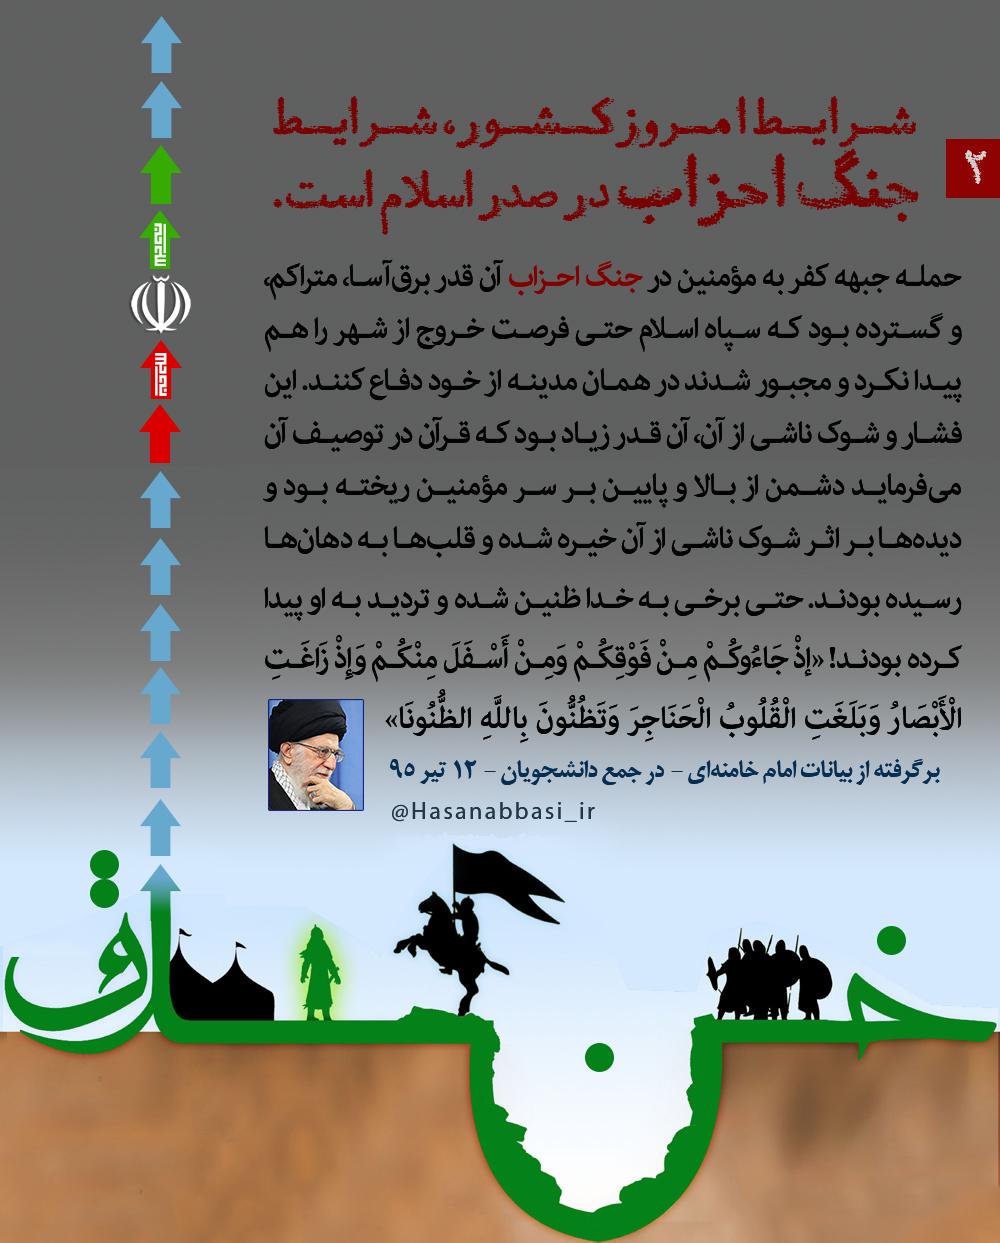 Ahzab2 شرایط امروز کشور، شرایط جنگ احزاب است